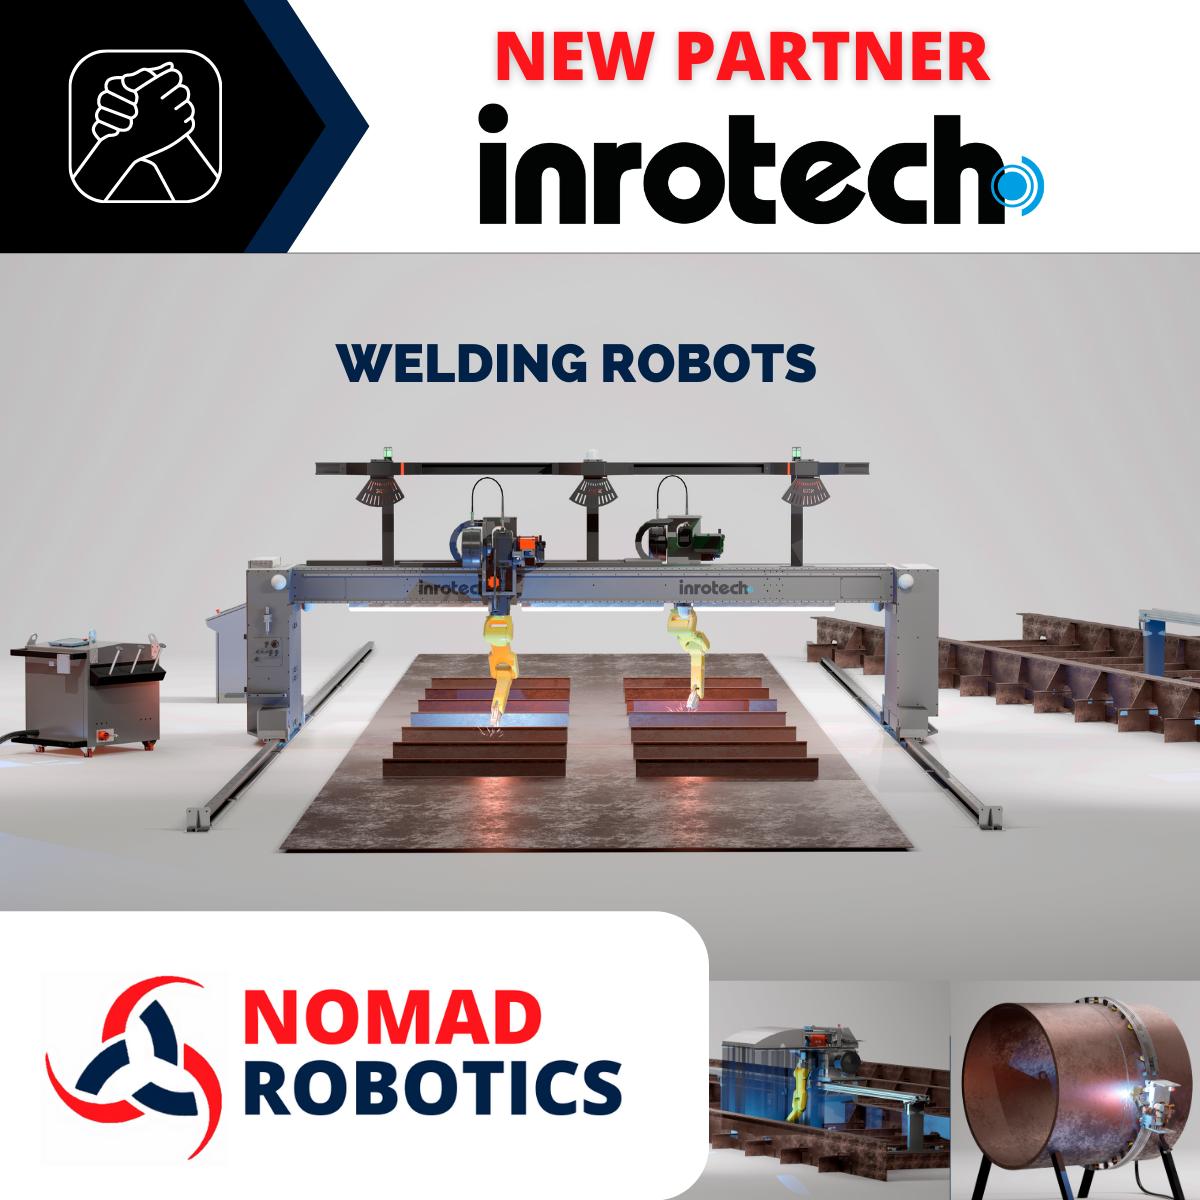 NOUVEAU PARTENAIRE INROTECH DE NOMAD ROBOTICS